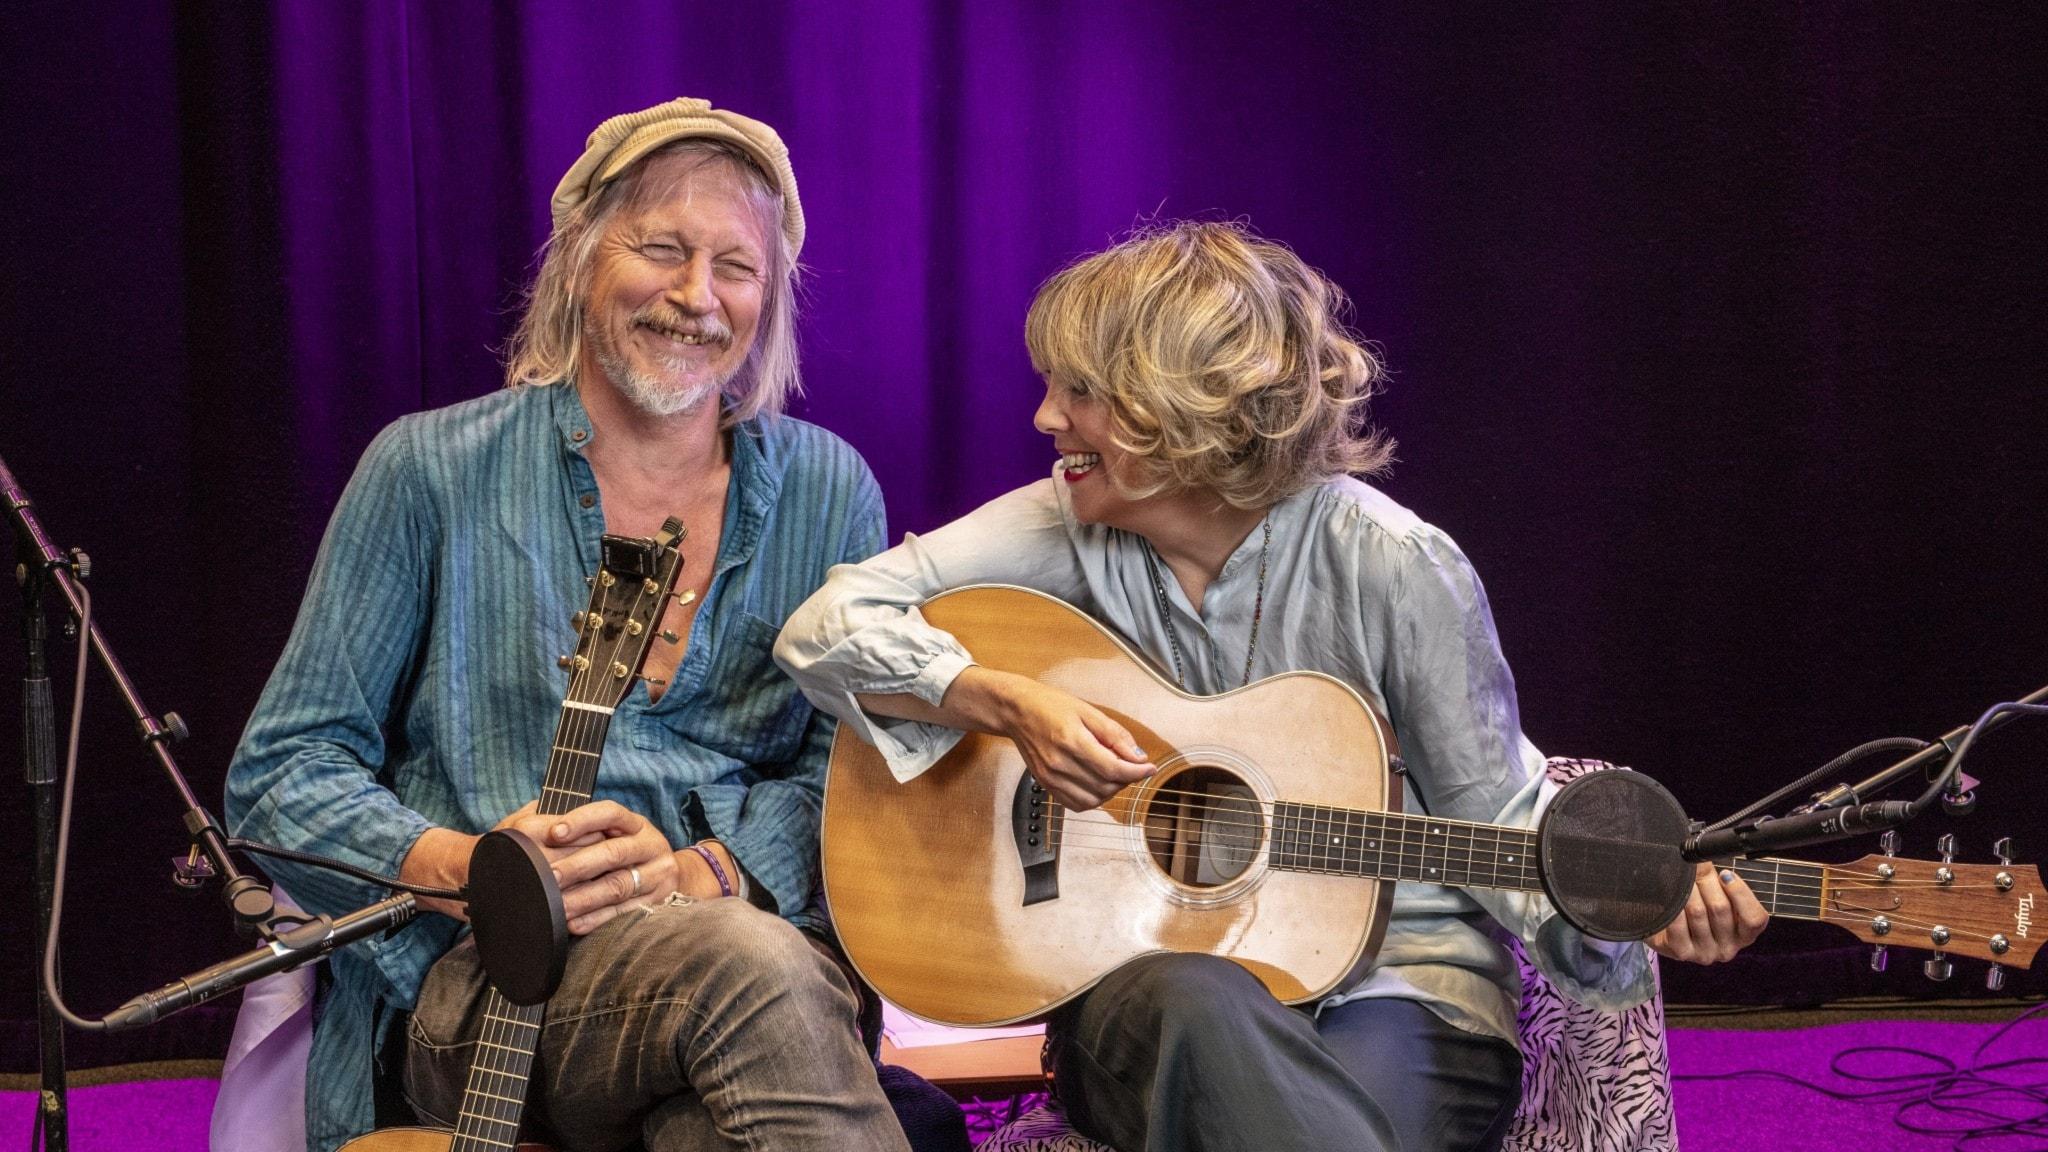 Stefan Sundström och Marit Bergman sitter bredvid varandra i Studio 4 och skrattar med gitarrer i knät.